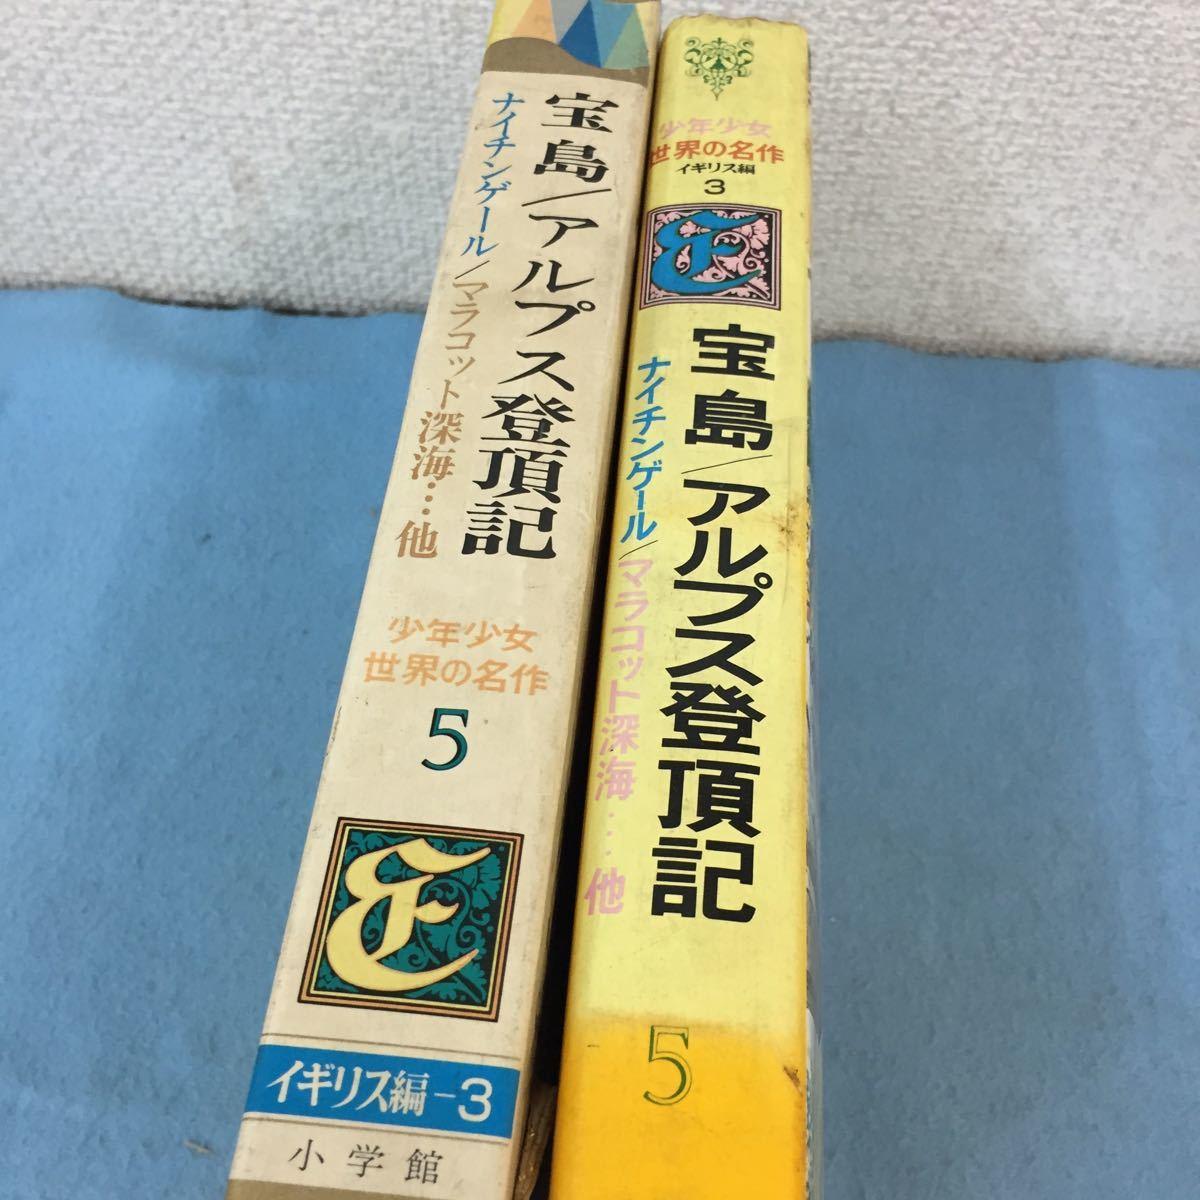 こ053 少年少女世界の名作イギリス編3 宝島/アルプス登頂記 ナイチンゲール/マラコット深海...他 5 小学館 昭和46年12月 初版第1刷発行_画像1